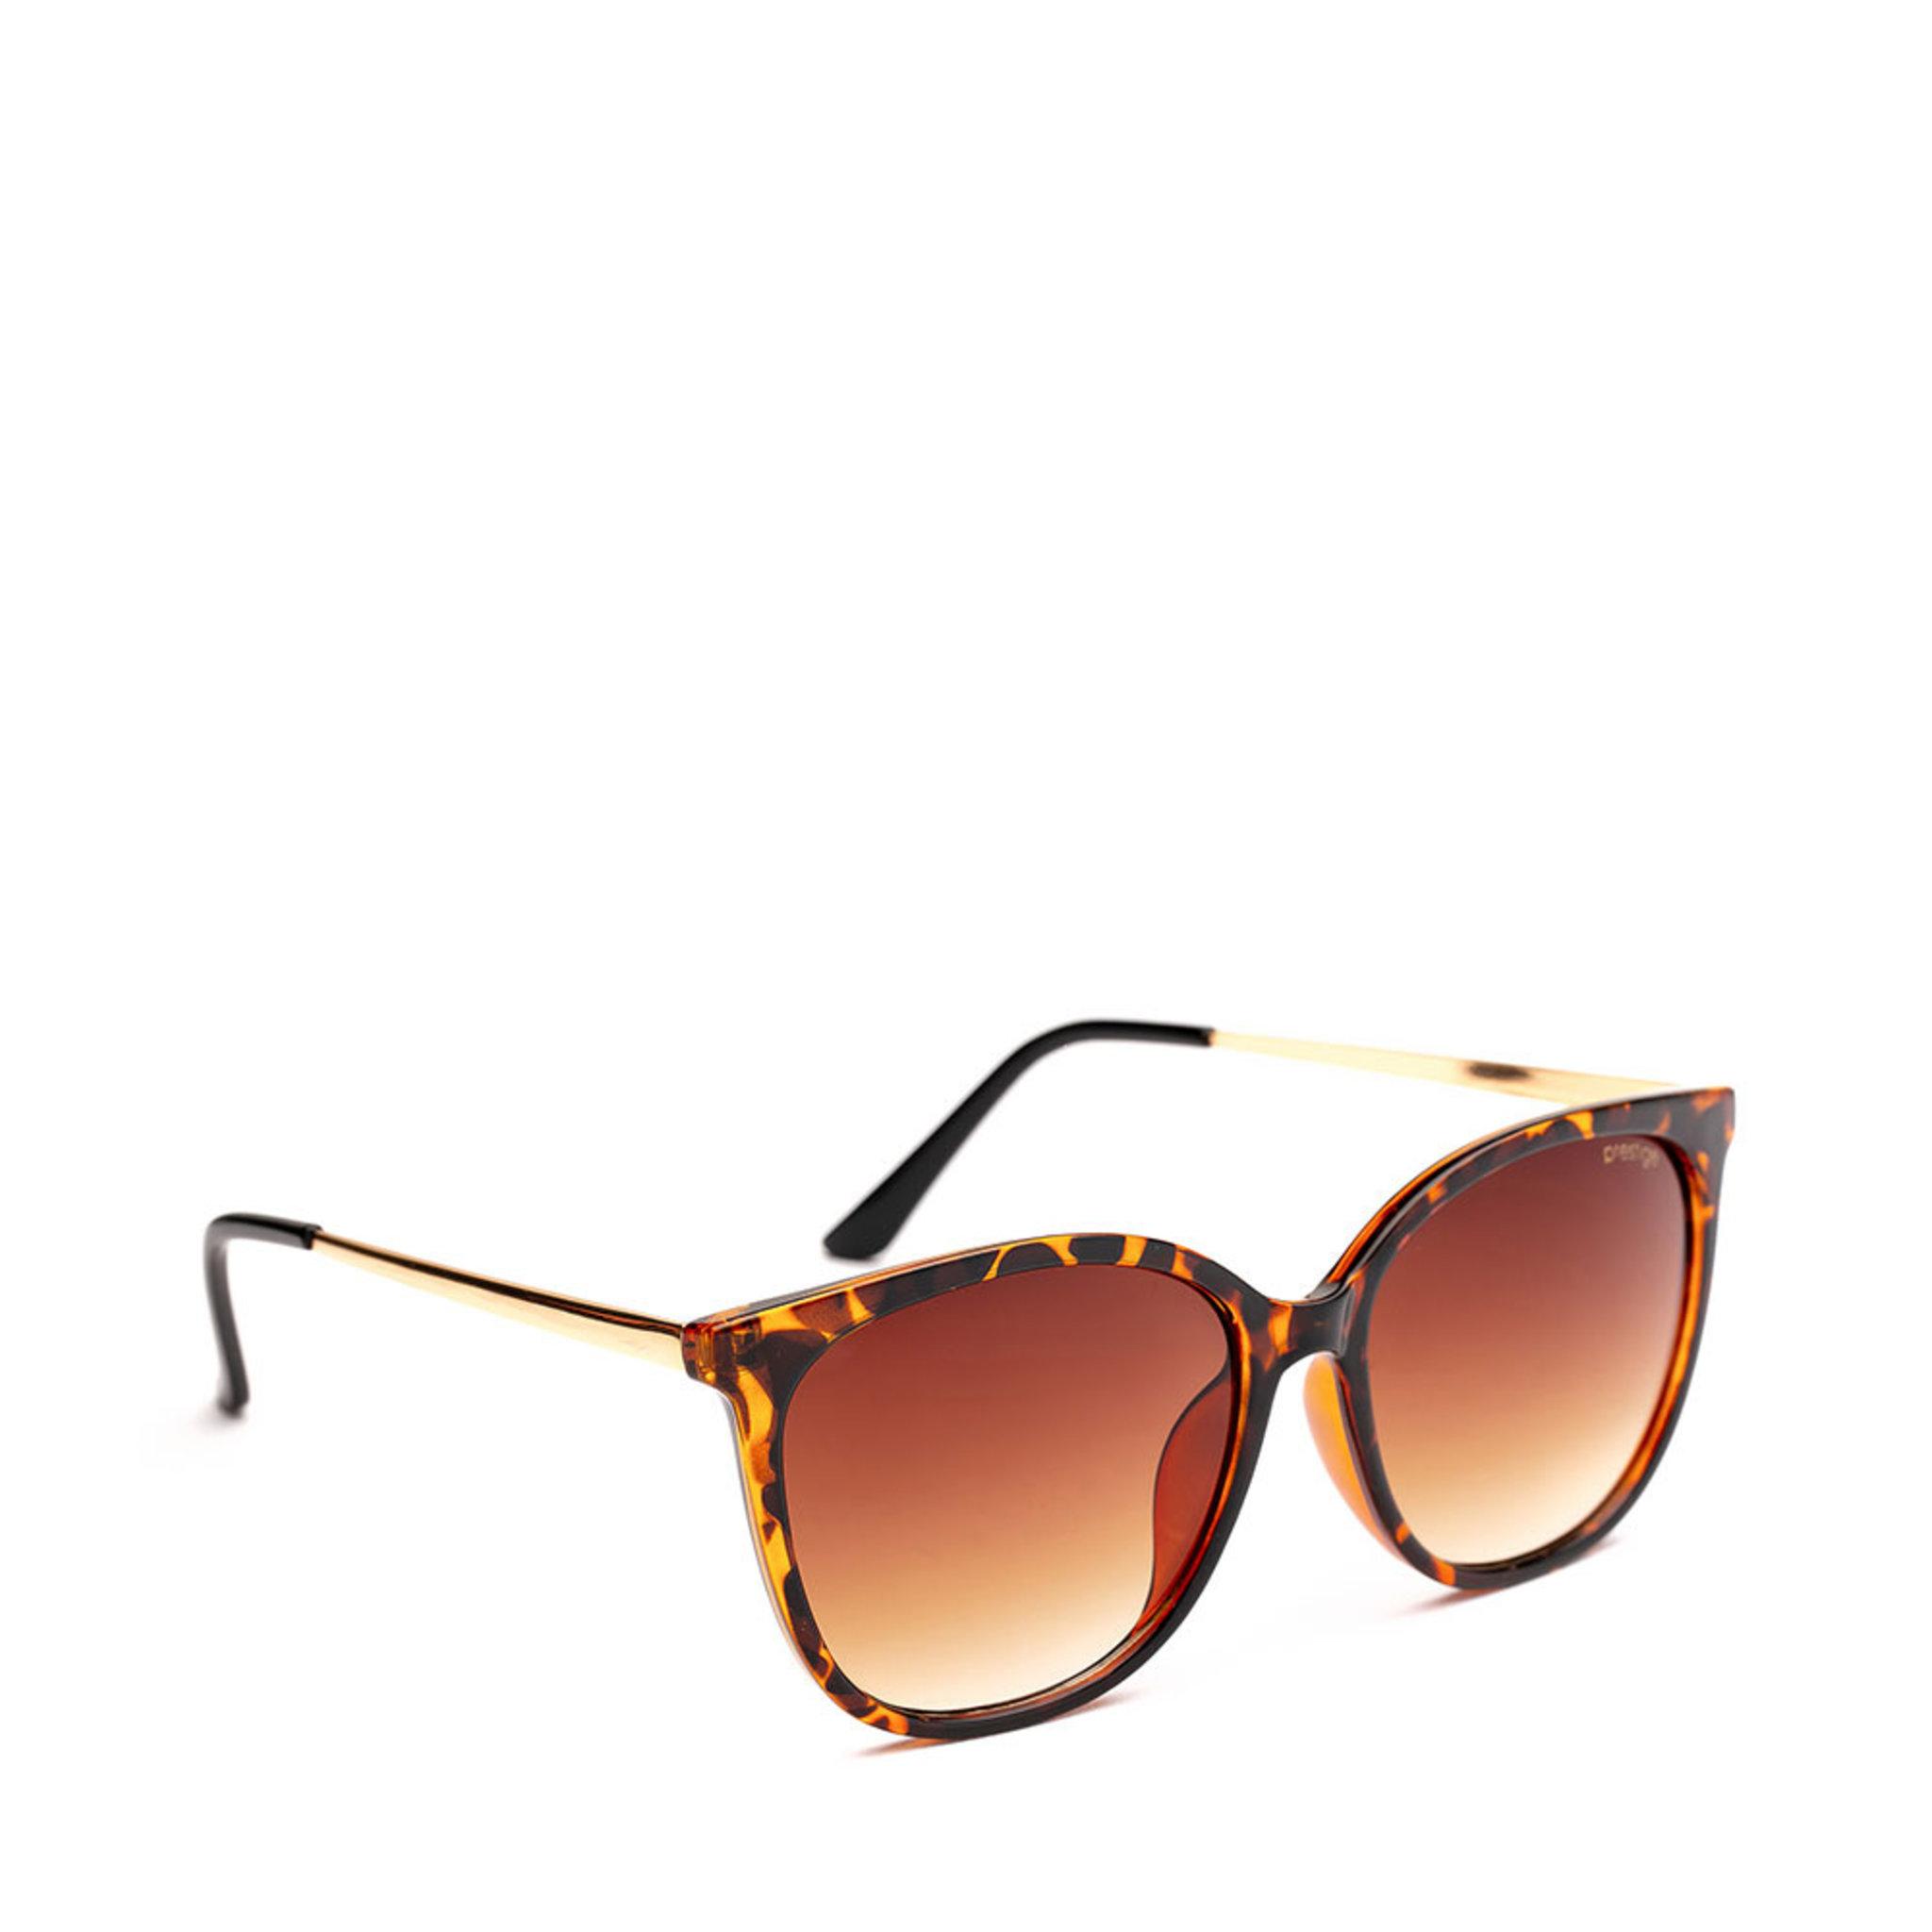 Solglasögon Chelsea